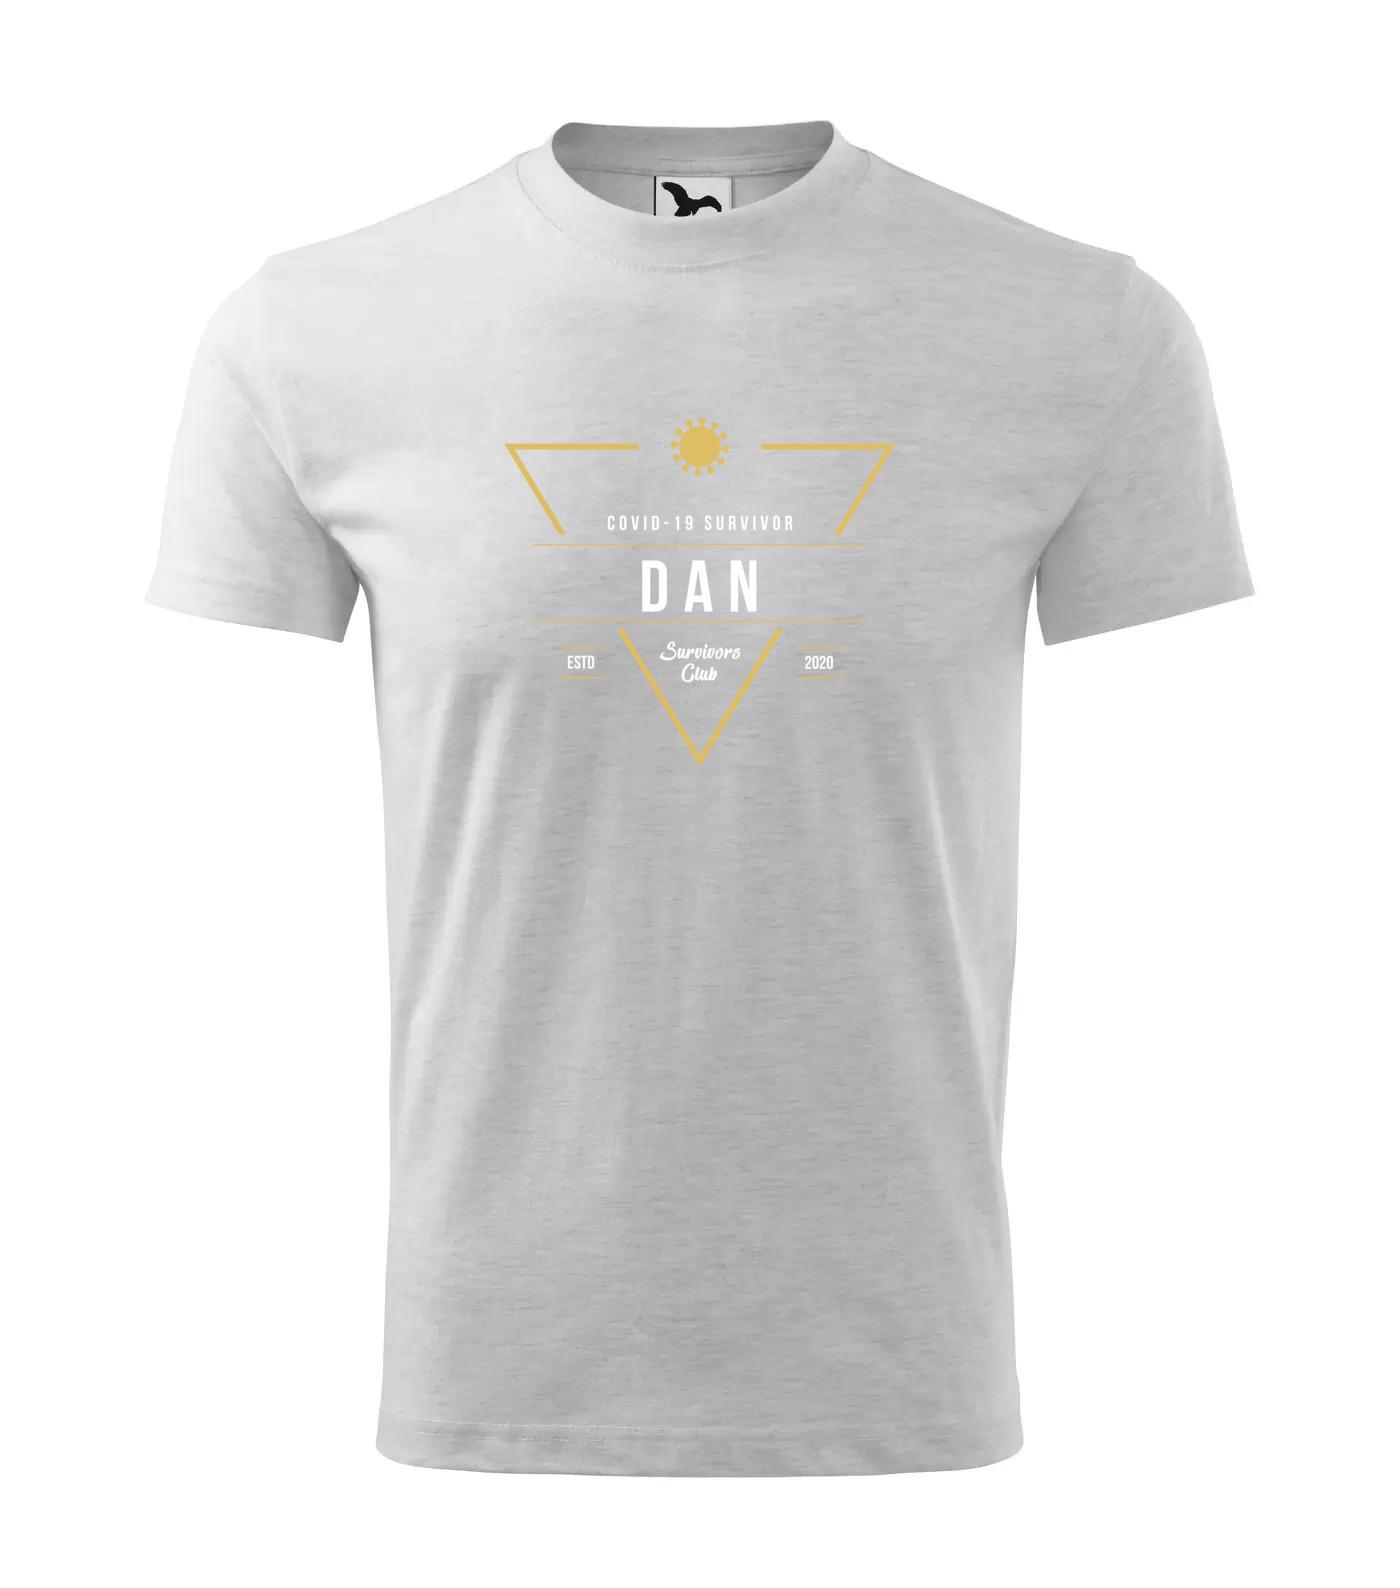 Tričko Survivor Club Dan